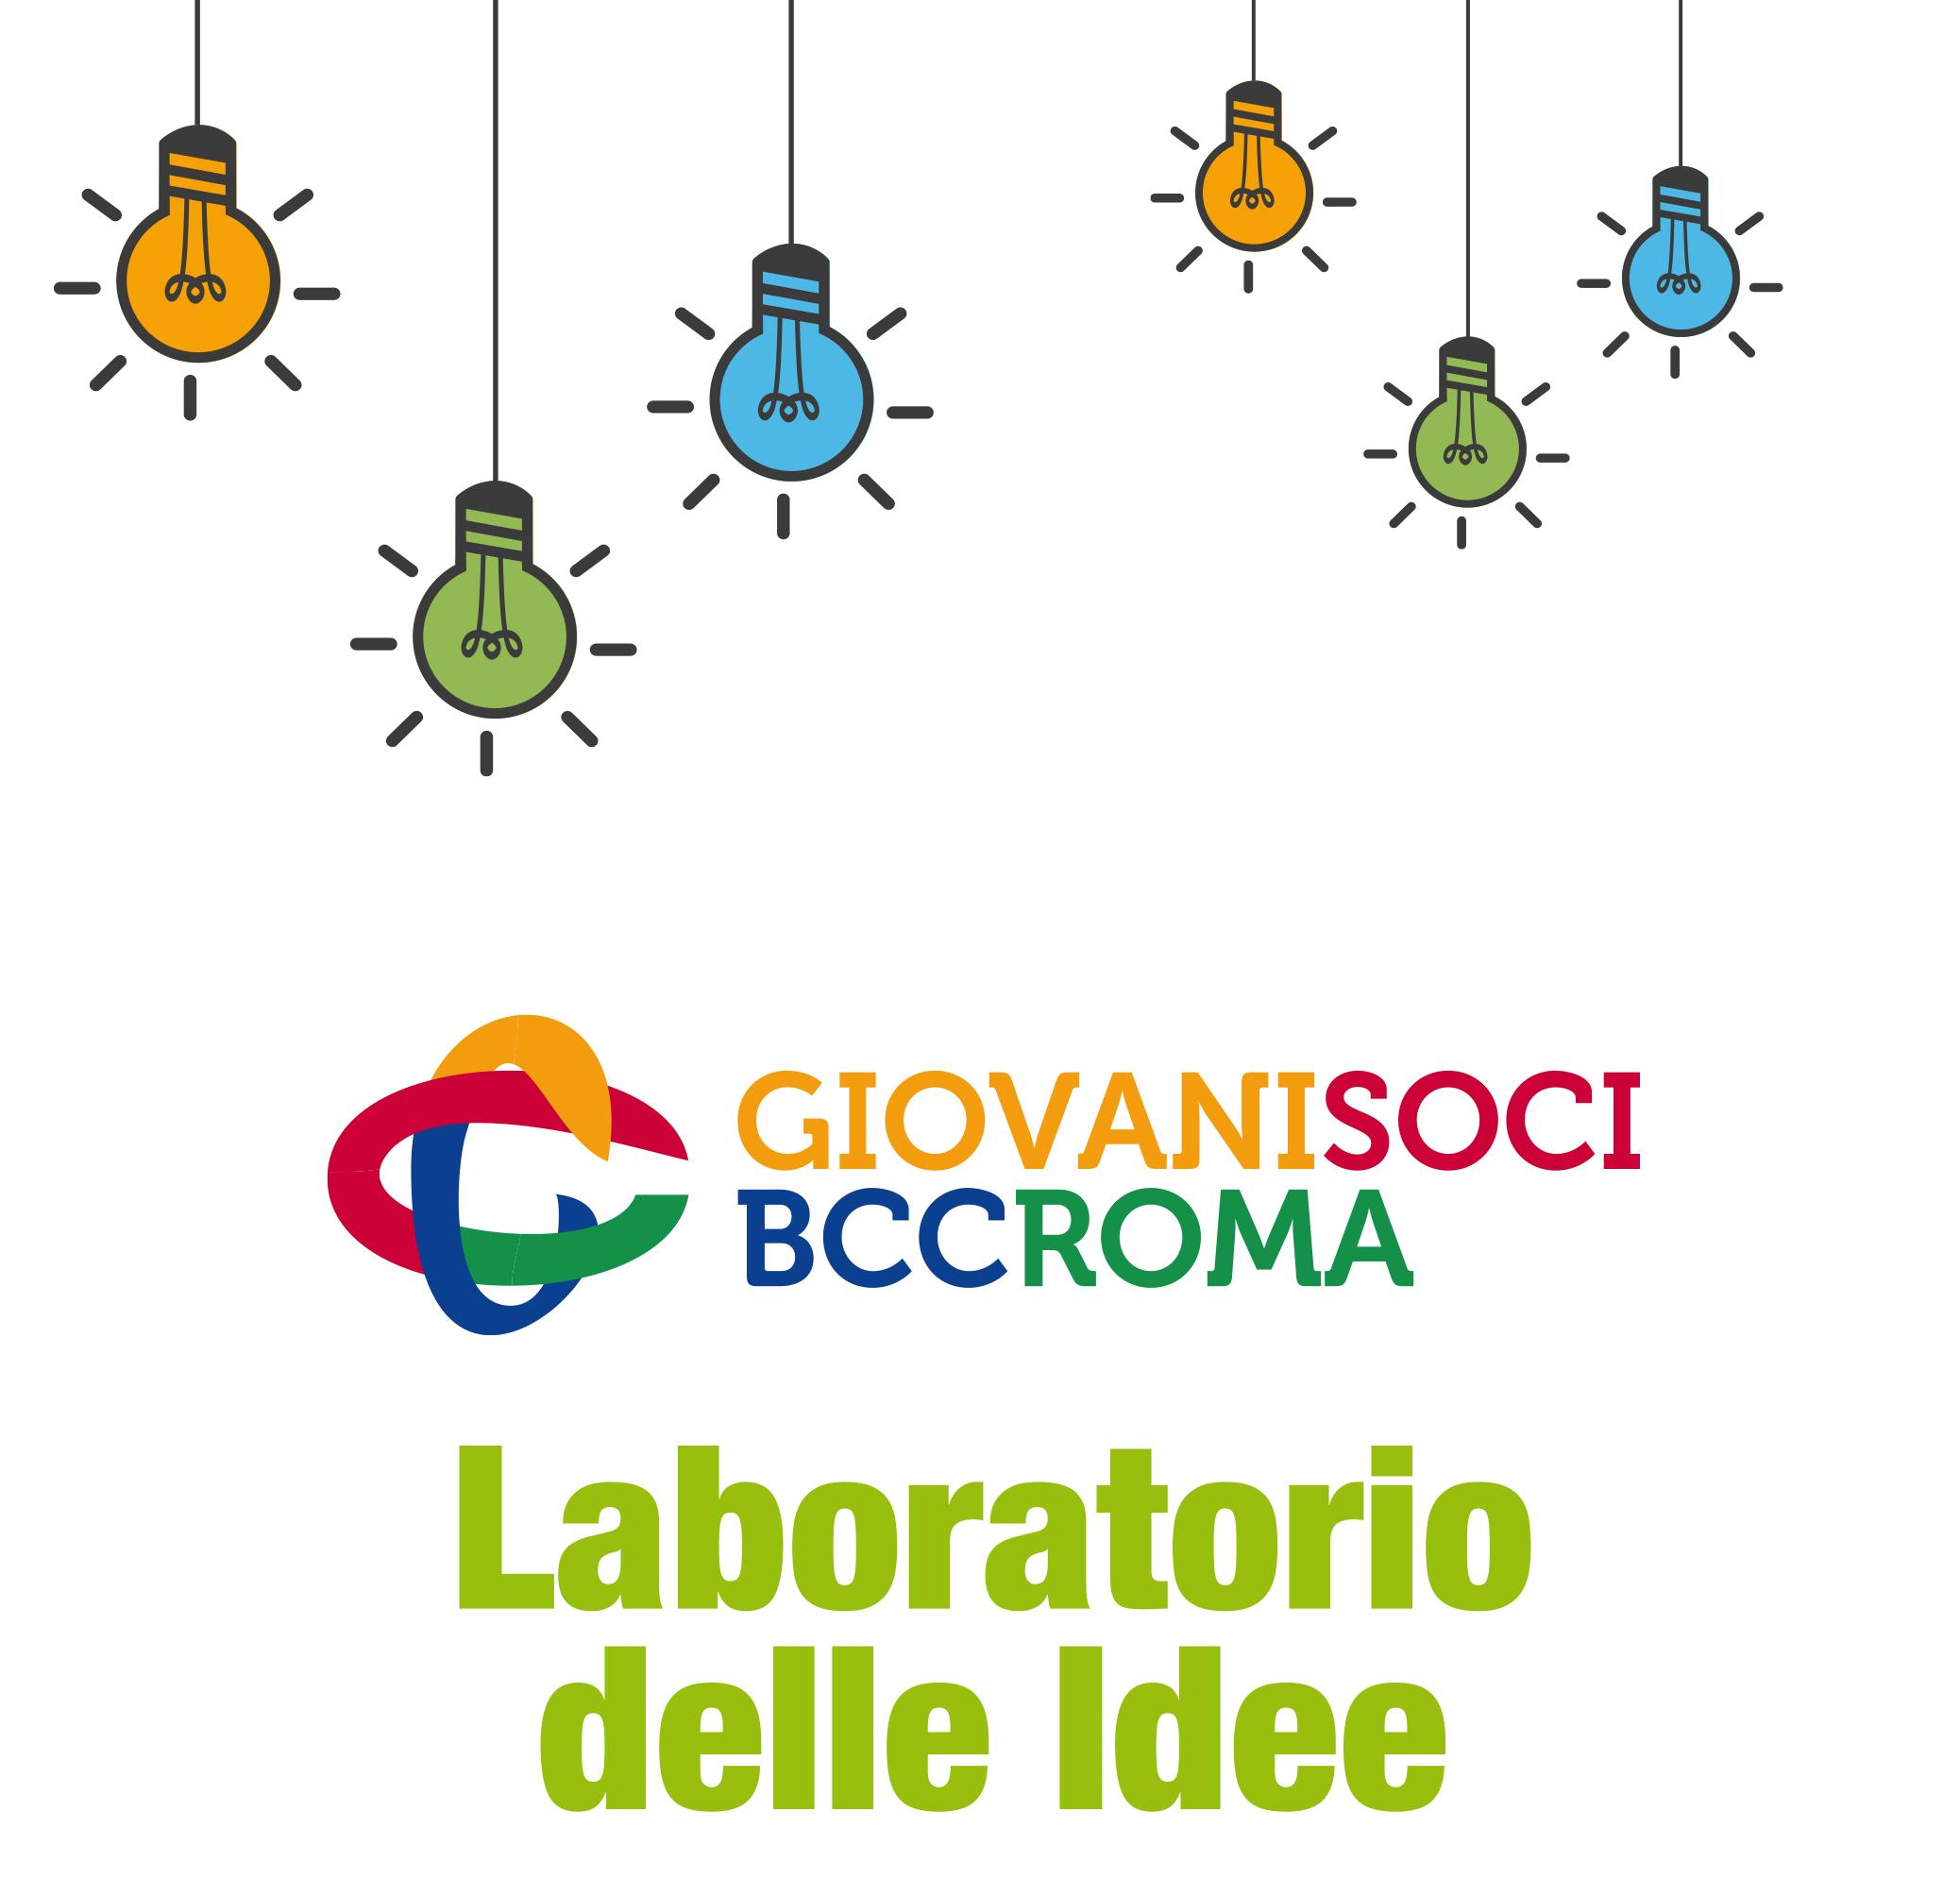 Laboratorio delle Idee